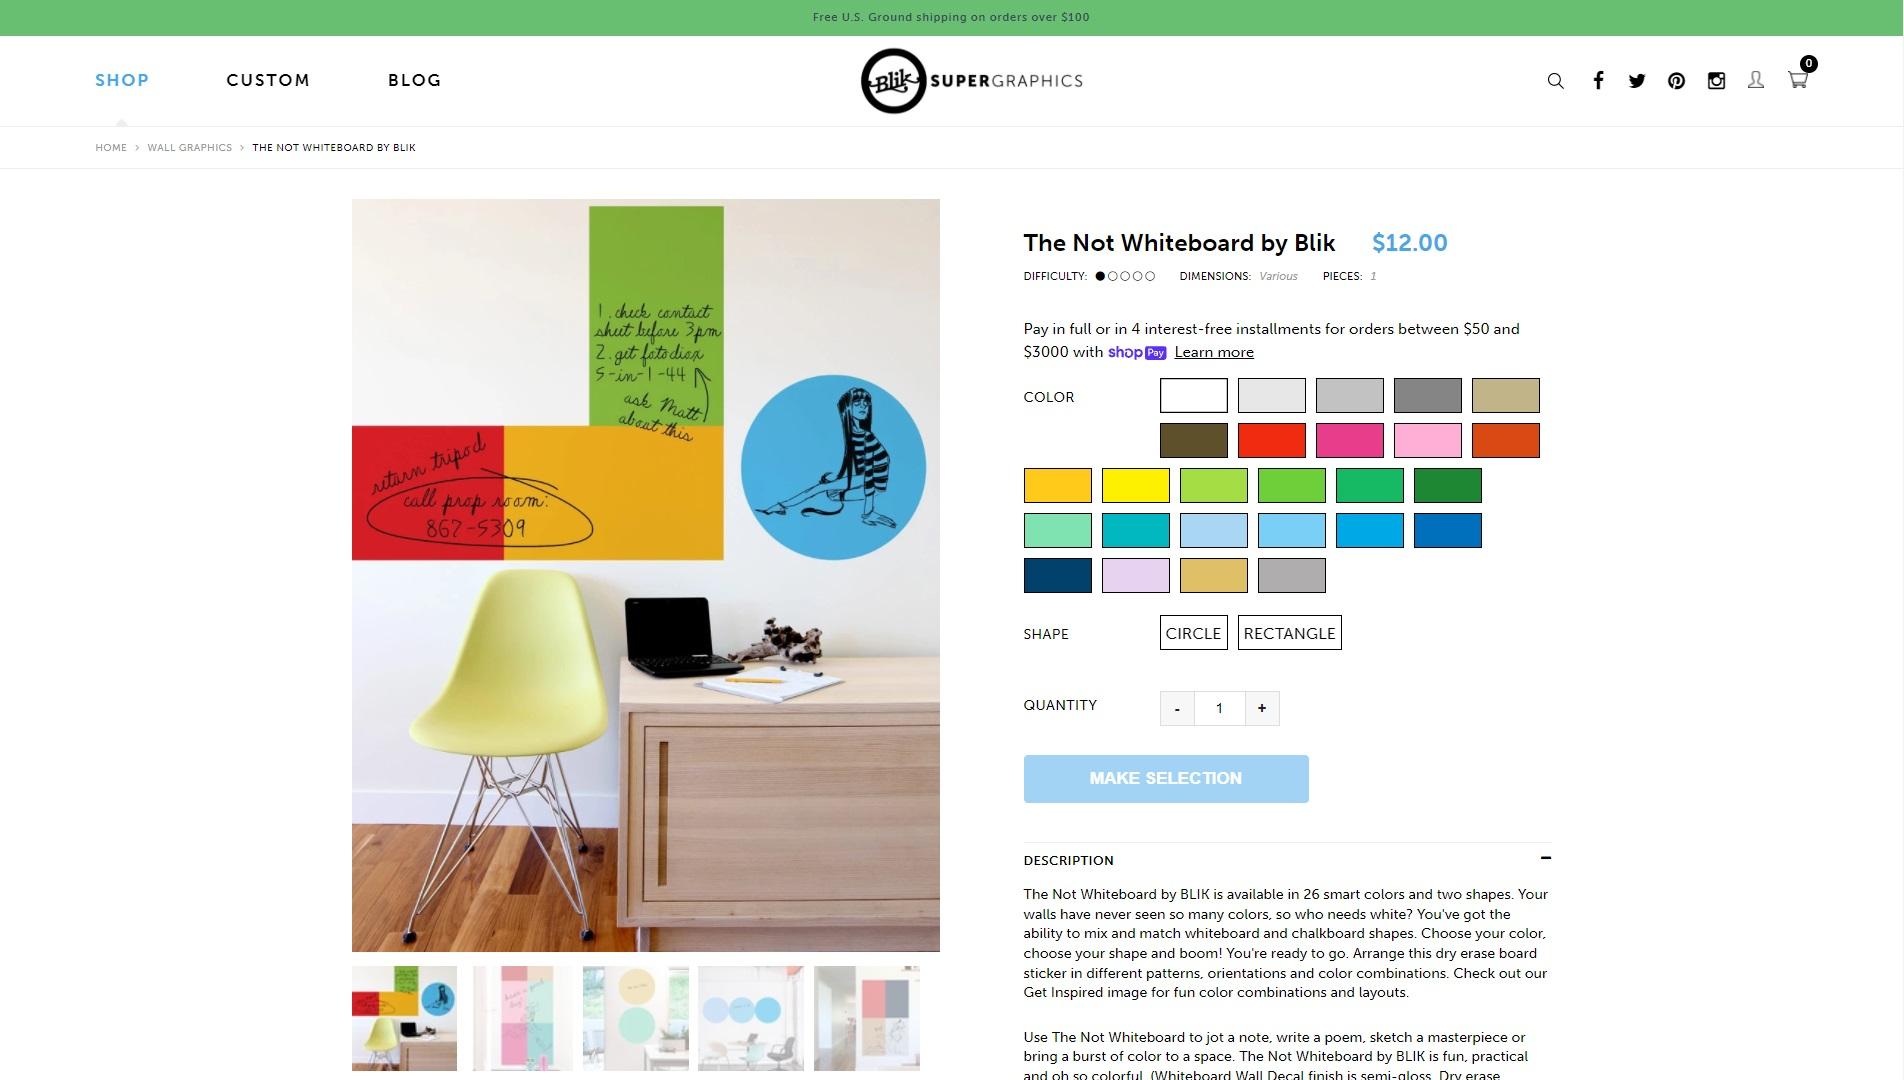 Blik supergraphics productdetailpagina